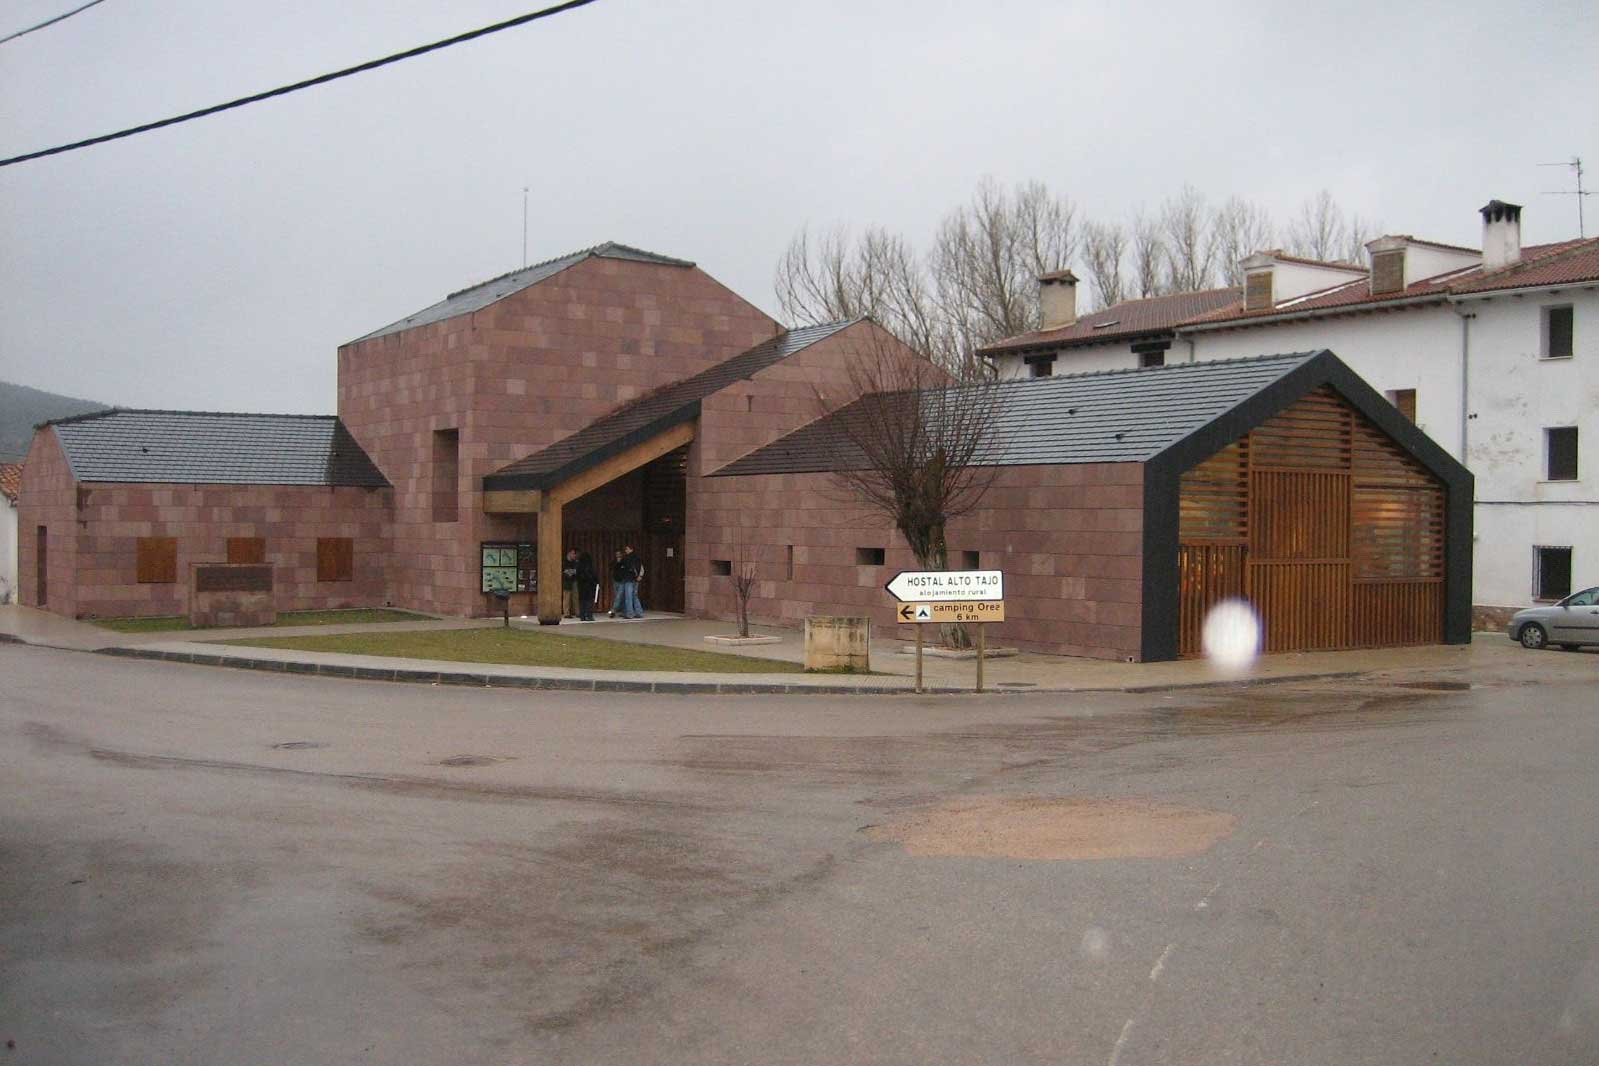 Centro de interpretación, fachada ventilada, piedra